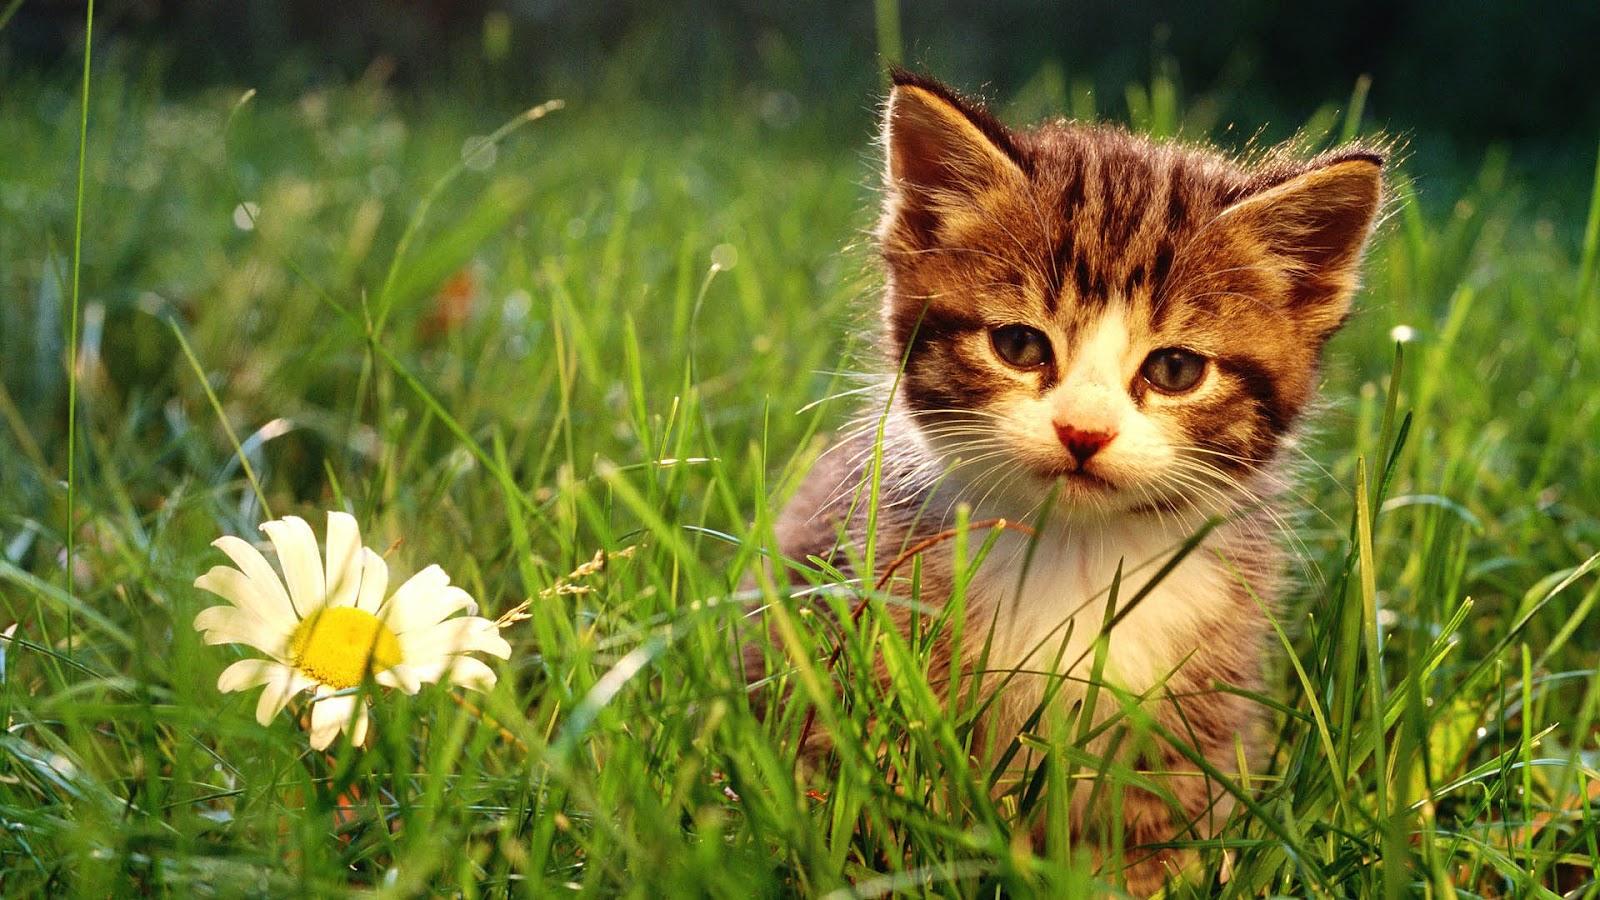 Wallpapers Cats Kittens Hd Desktop Wallpapers 4k Hd